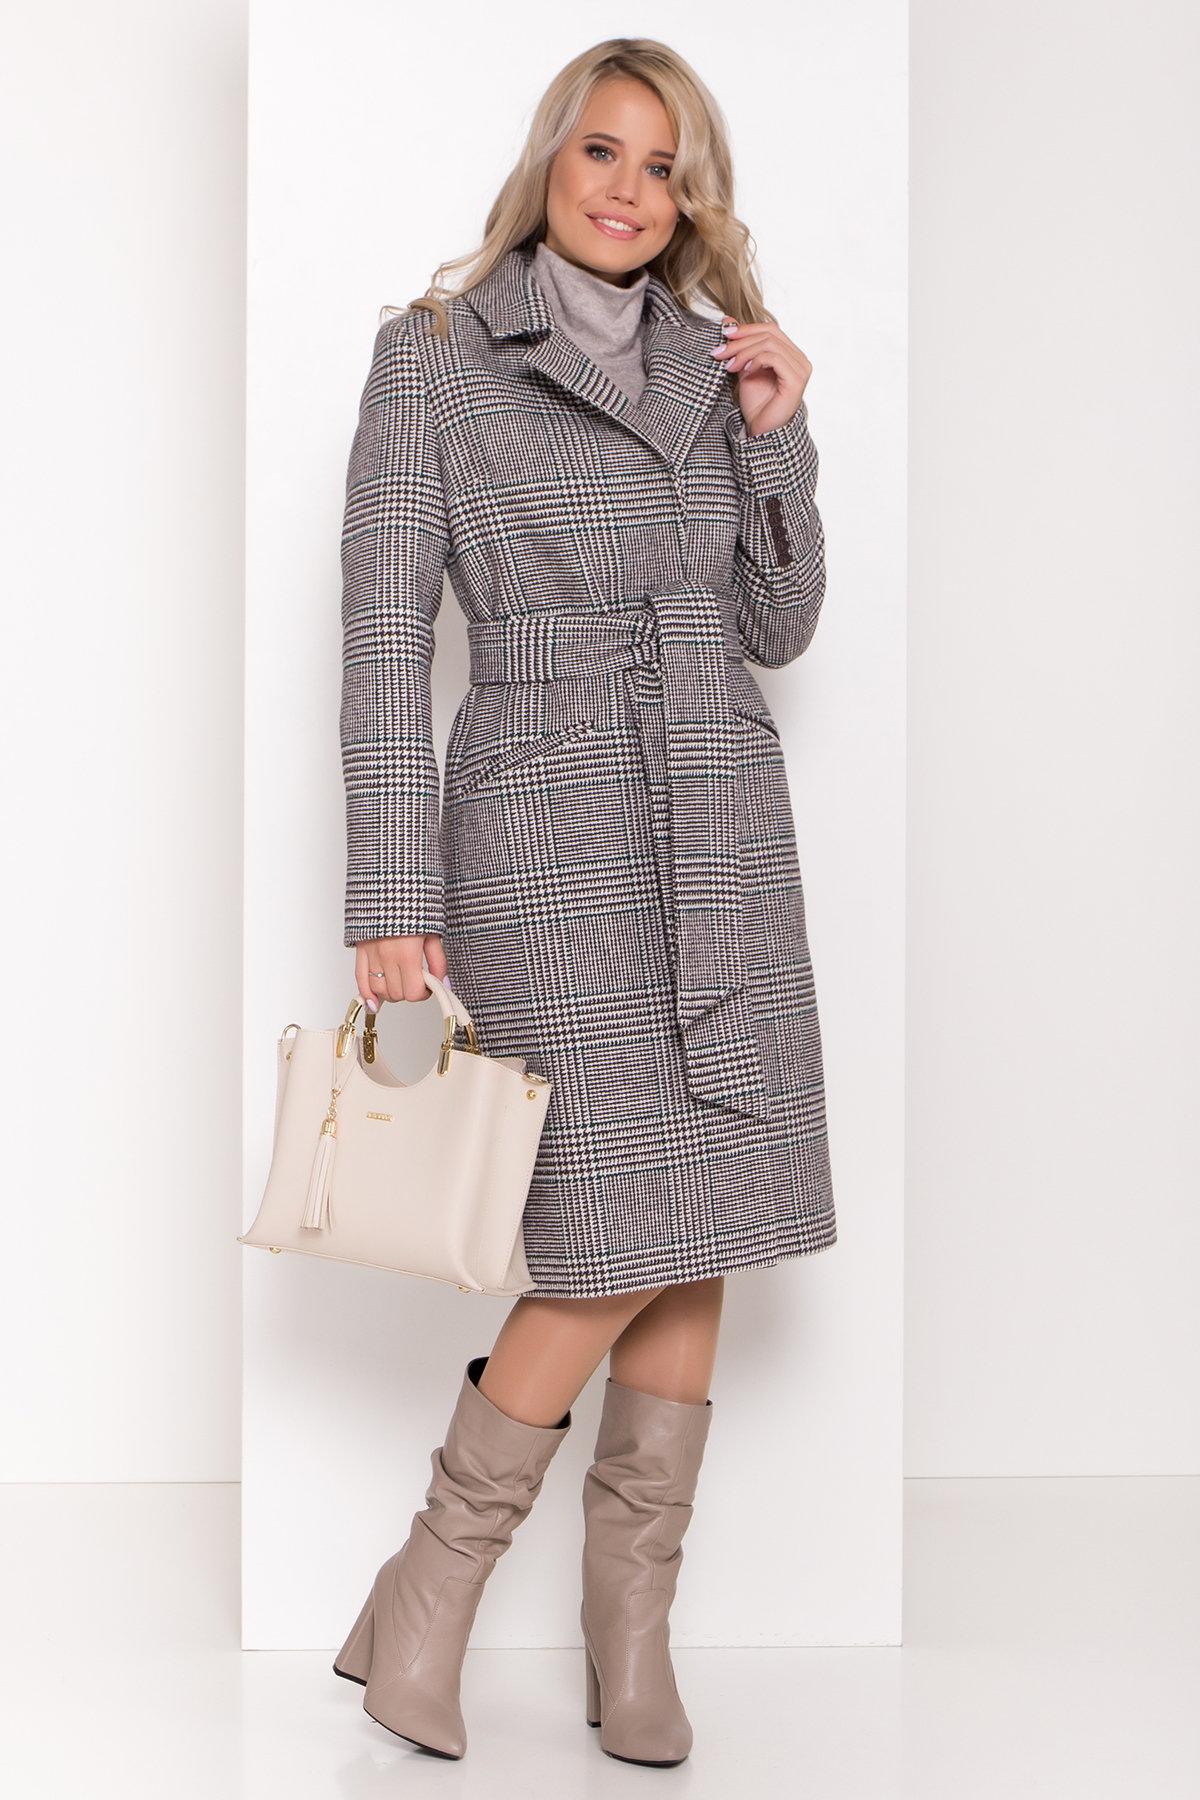 Зимнее пальто для женщин от Modus Пальто зима Эрли 8267